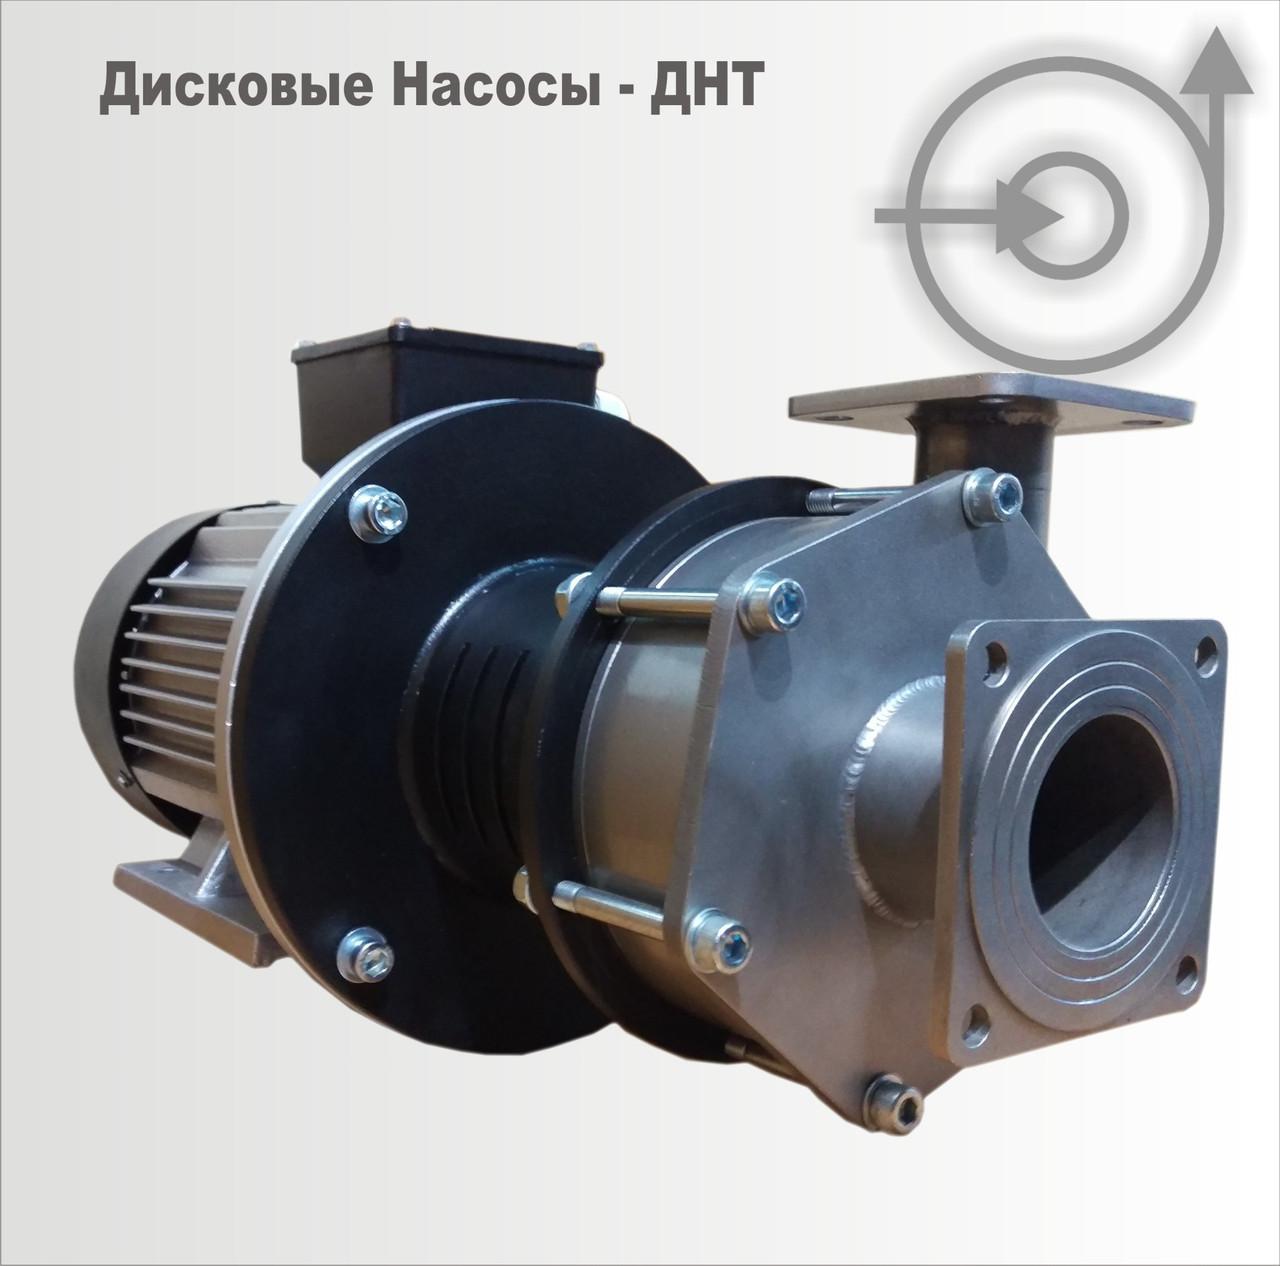 Насос для бензину, ацетону, гасу ДНТ-МУ 140 20 нержавіючий, взрывозащищеный